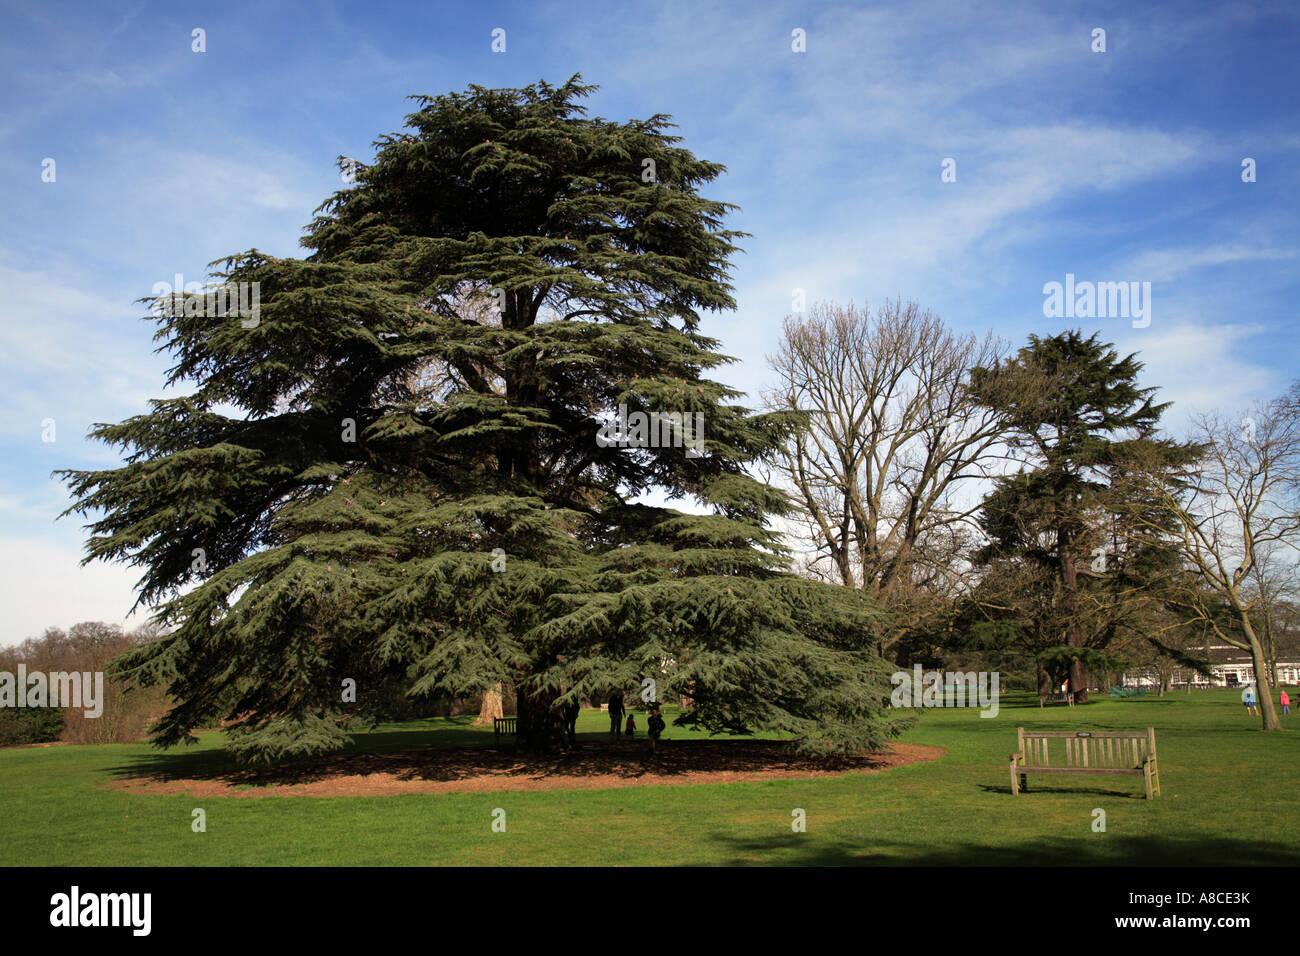 Cedar tree kew gardens london england stock photo royalty for Garden trees england